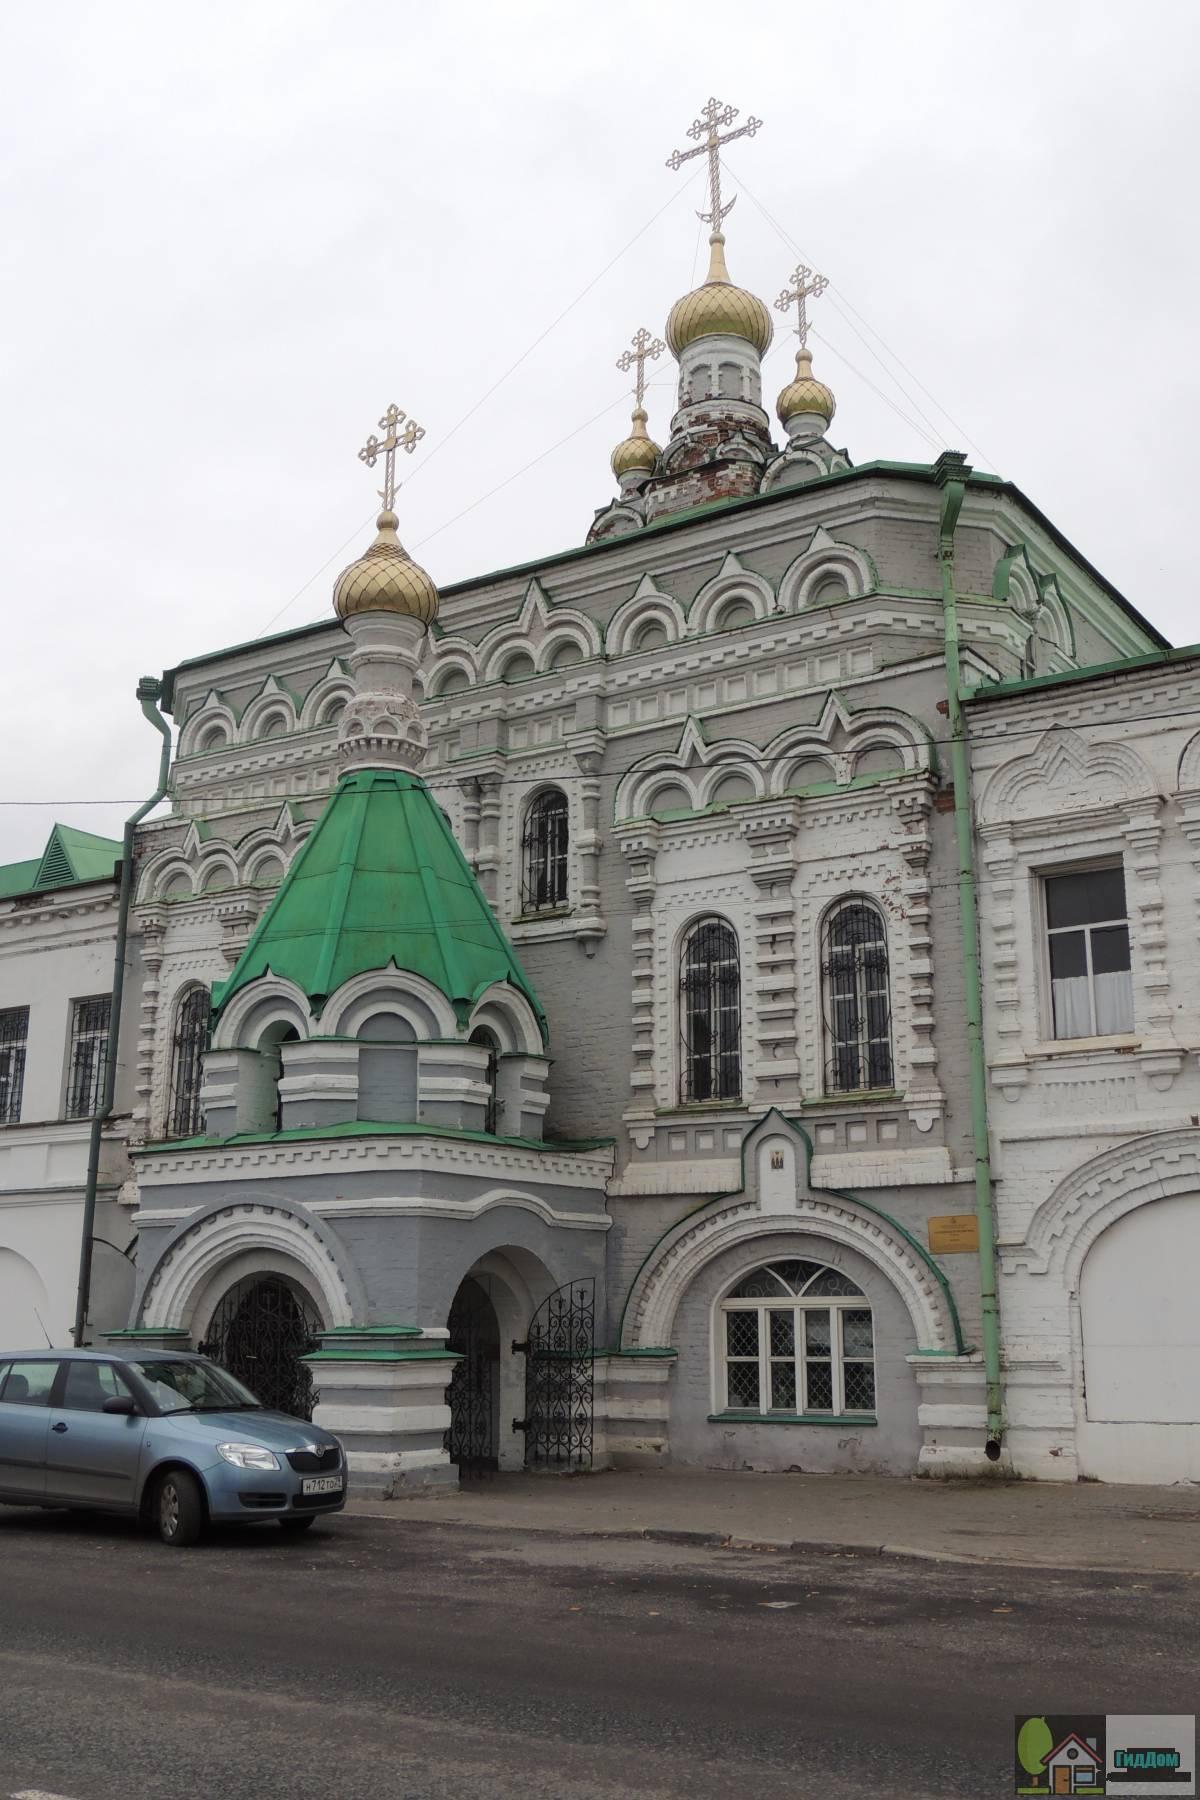 Подворье Соловецкого монастыря (Соловецкое подворье)